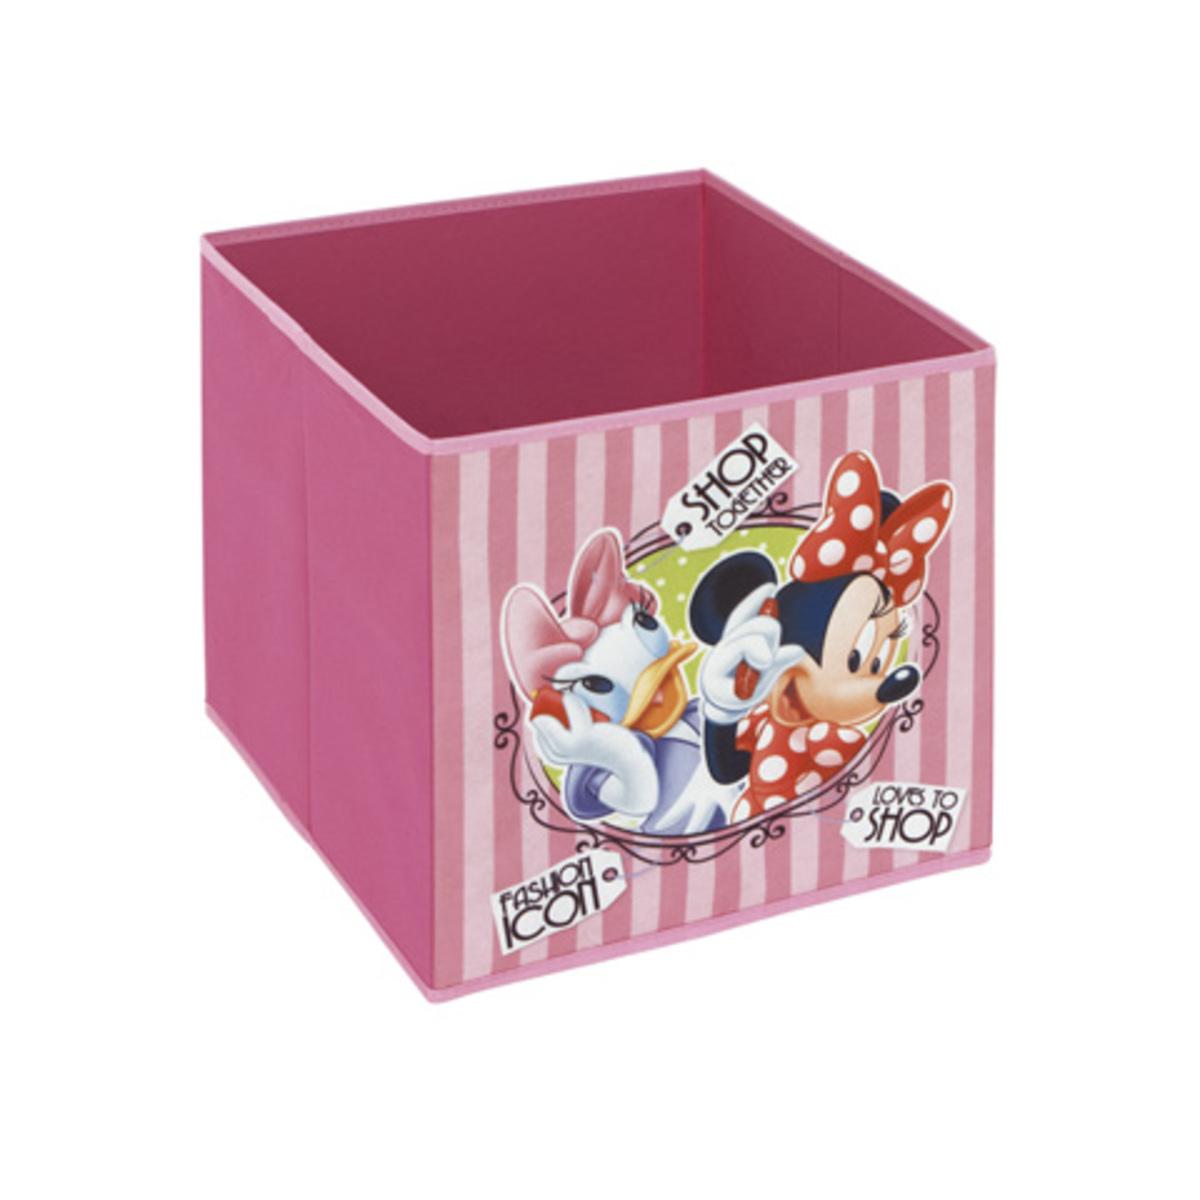 Childrens szövet tárolás box - Minnie Mouse